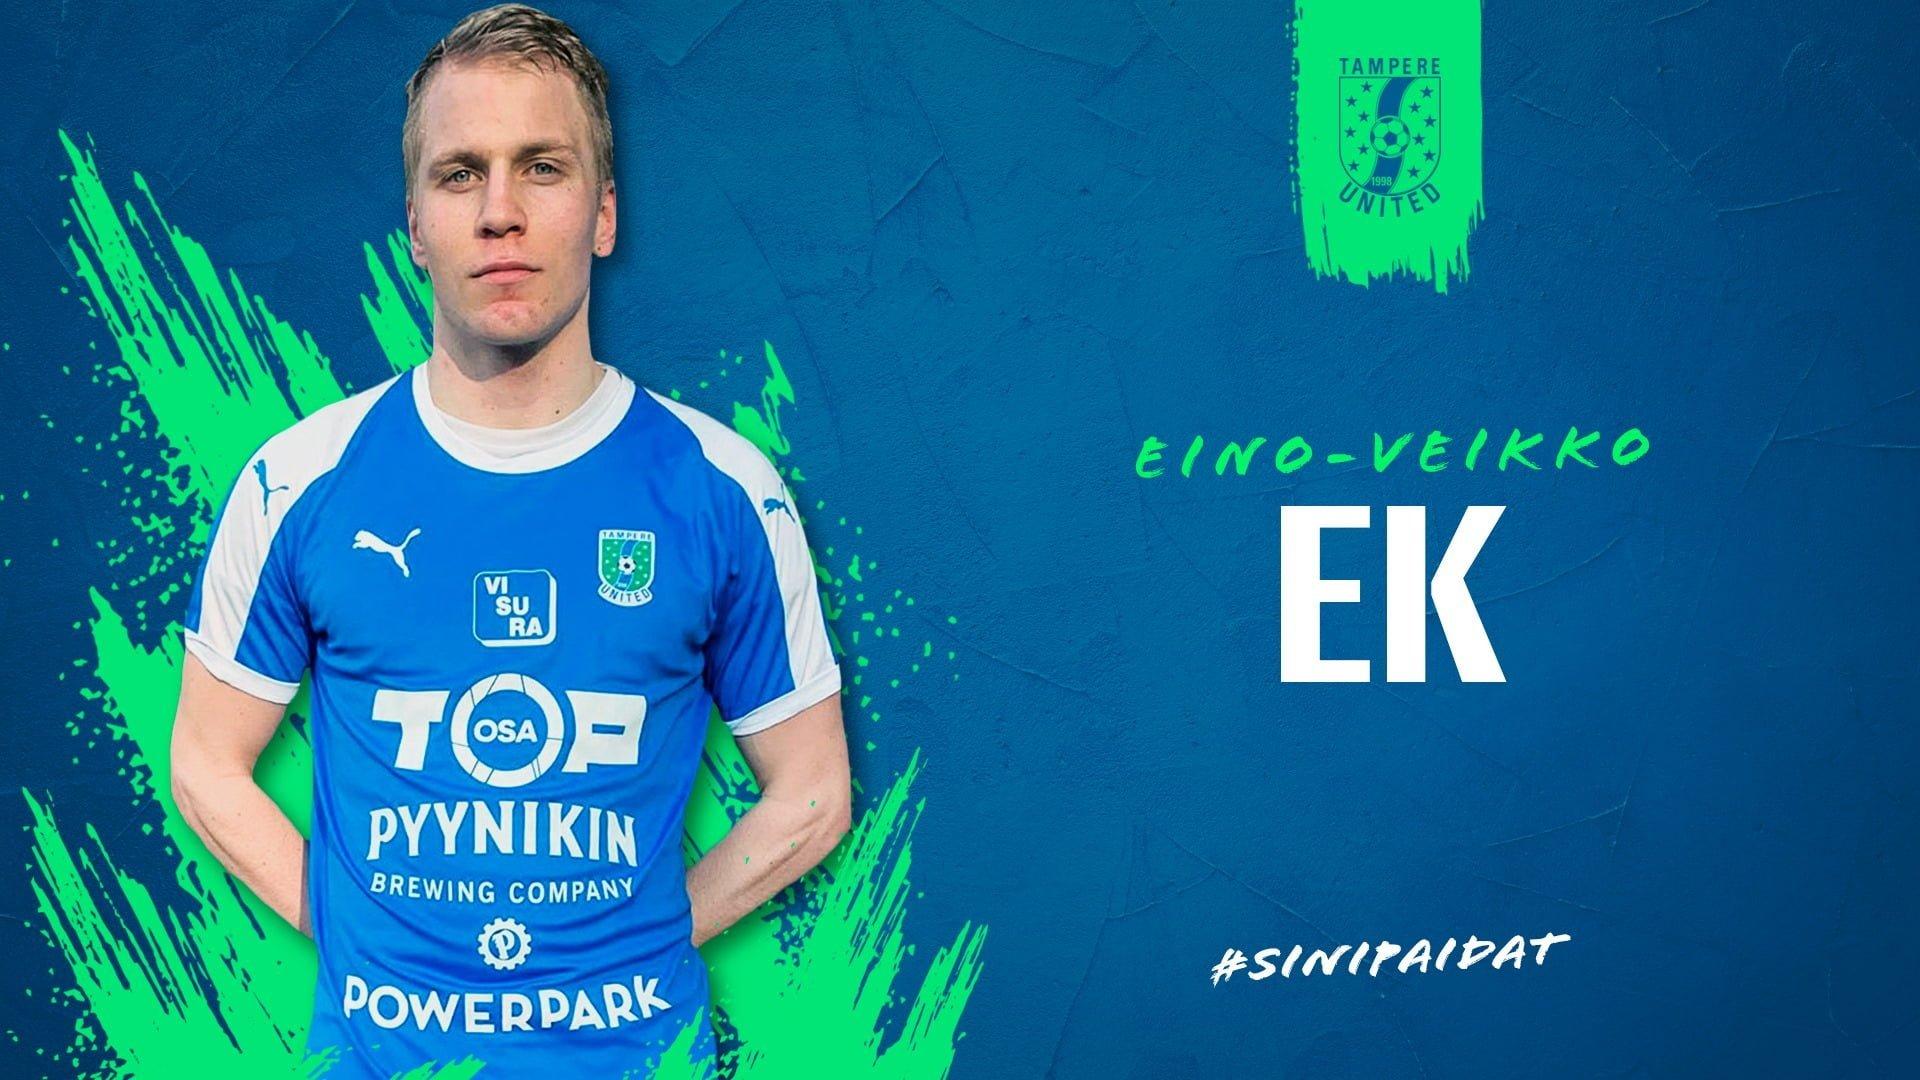 Eino-Veikko Ek vahvistaa Tampere Unitedia -uutiskuva